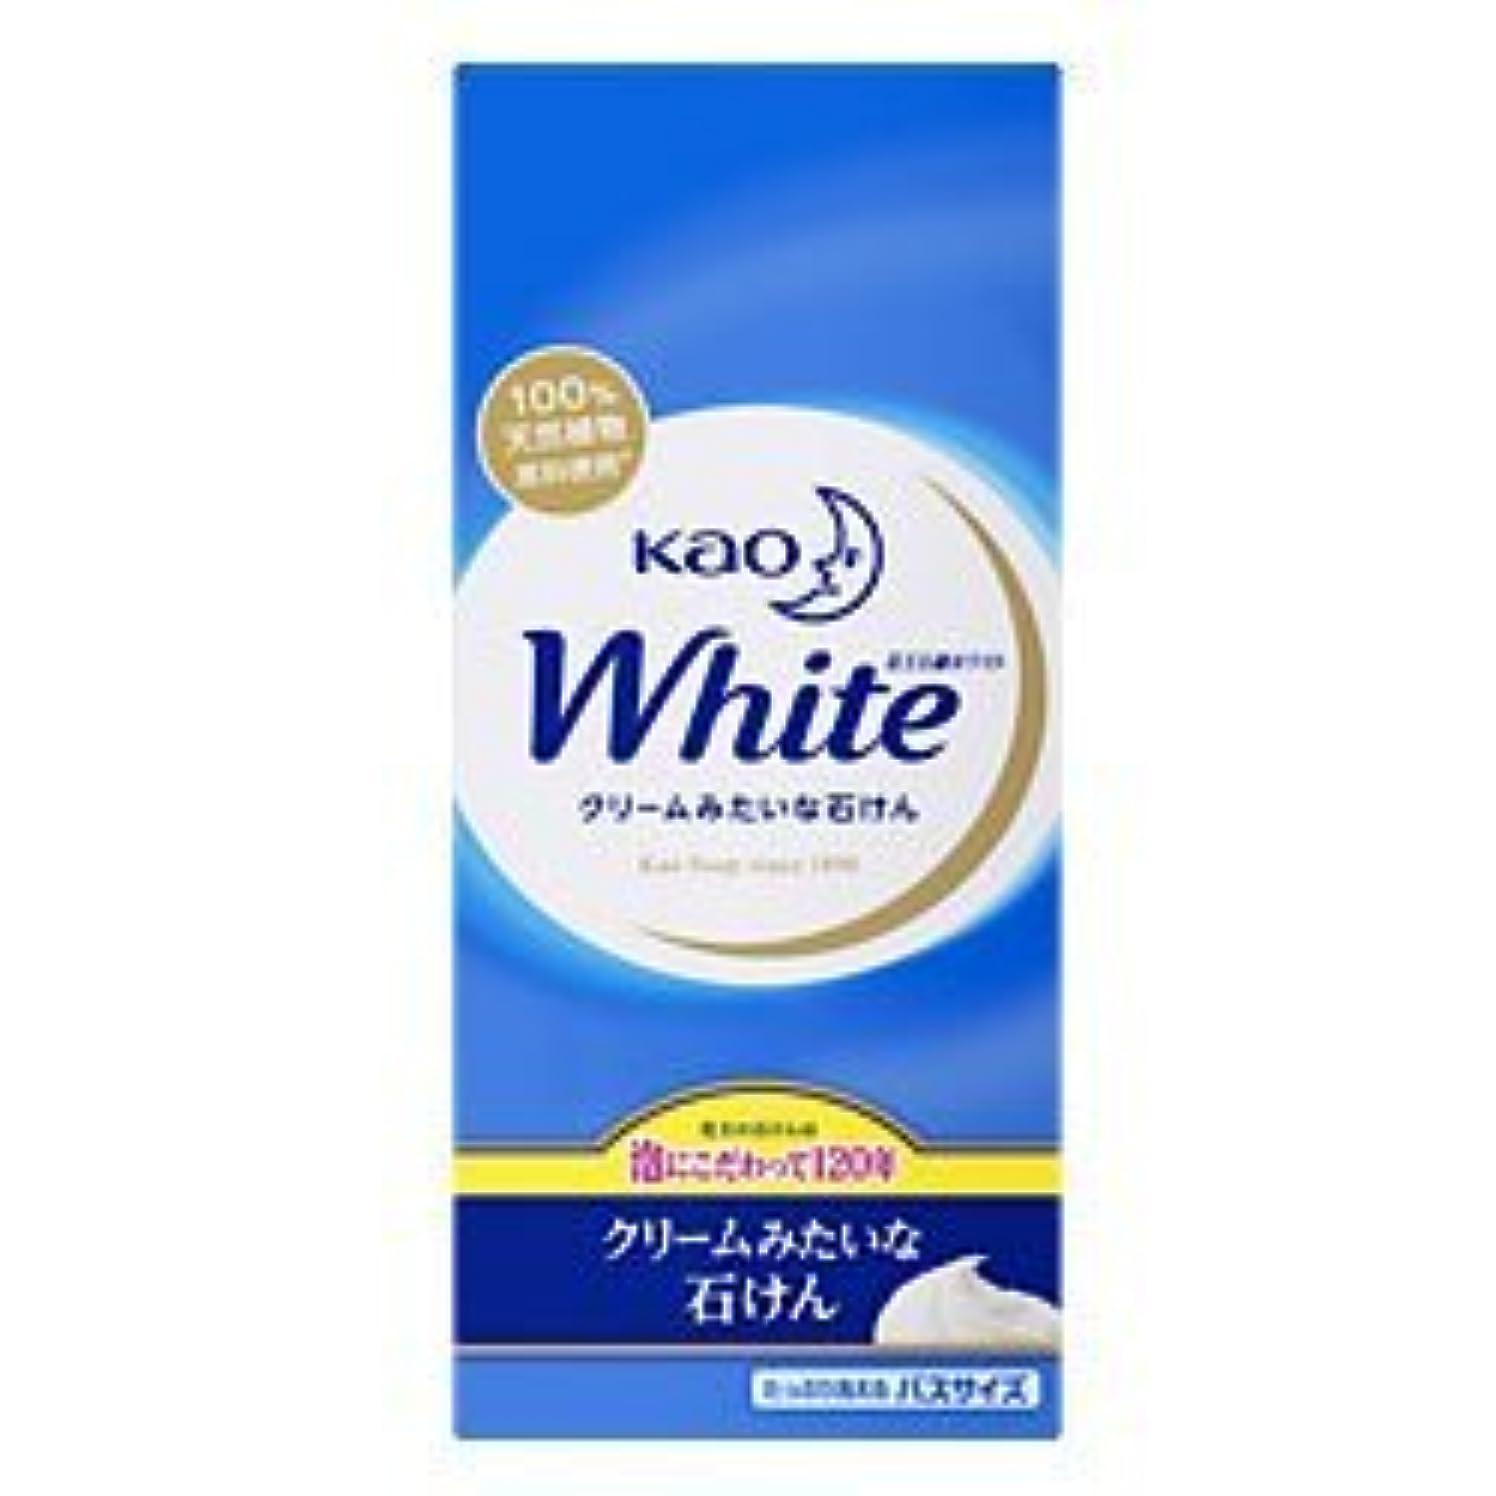 【花王】花王ホワイト バスサイズ 130g×6個 ×5個セット